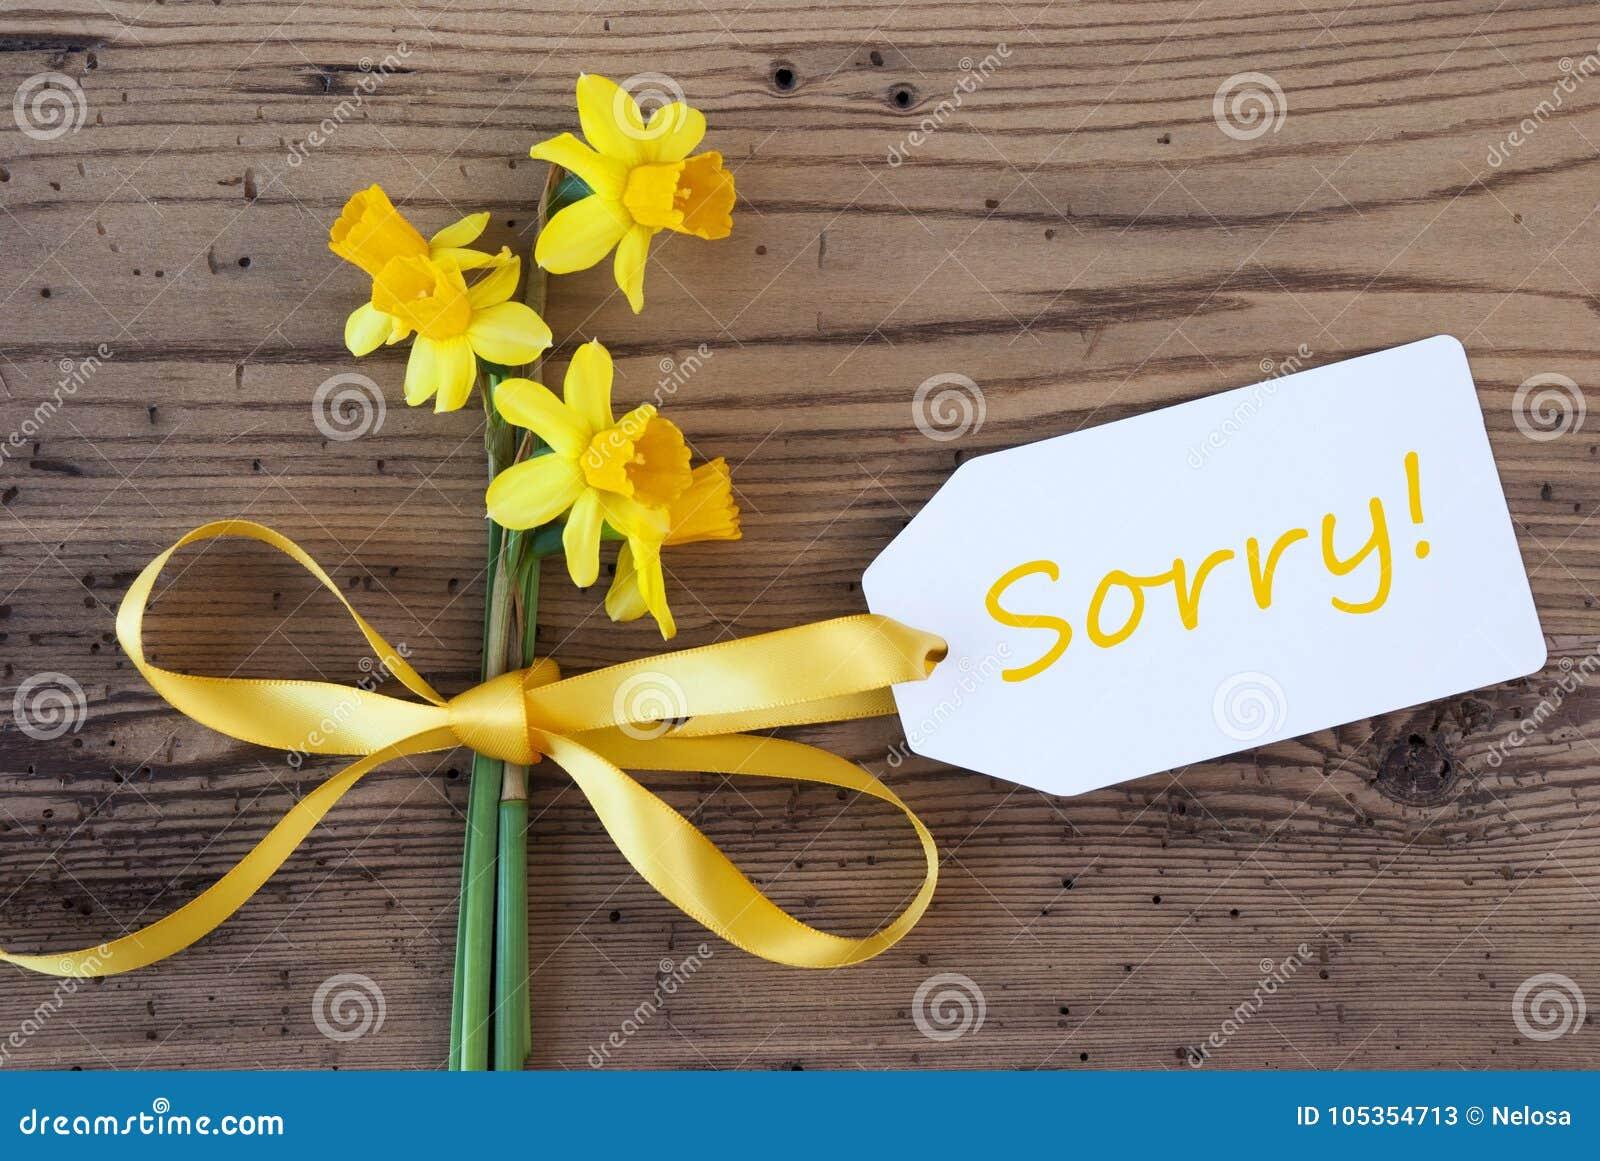 Желтые Narcissus весны, ярлык, отправляют СМС к сожалению